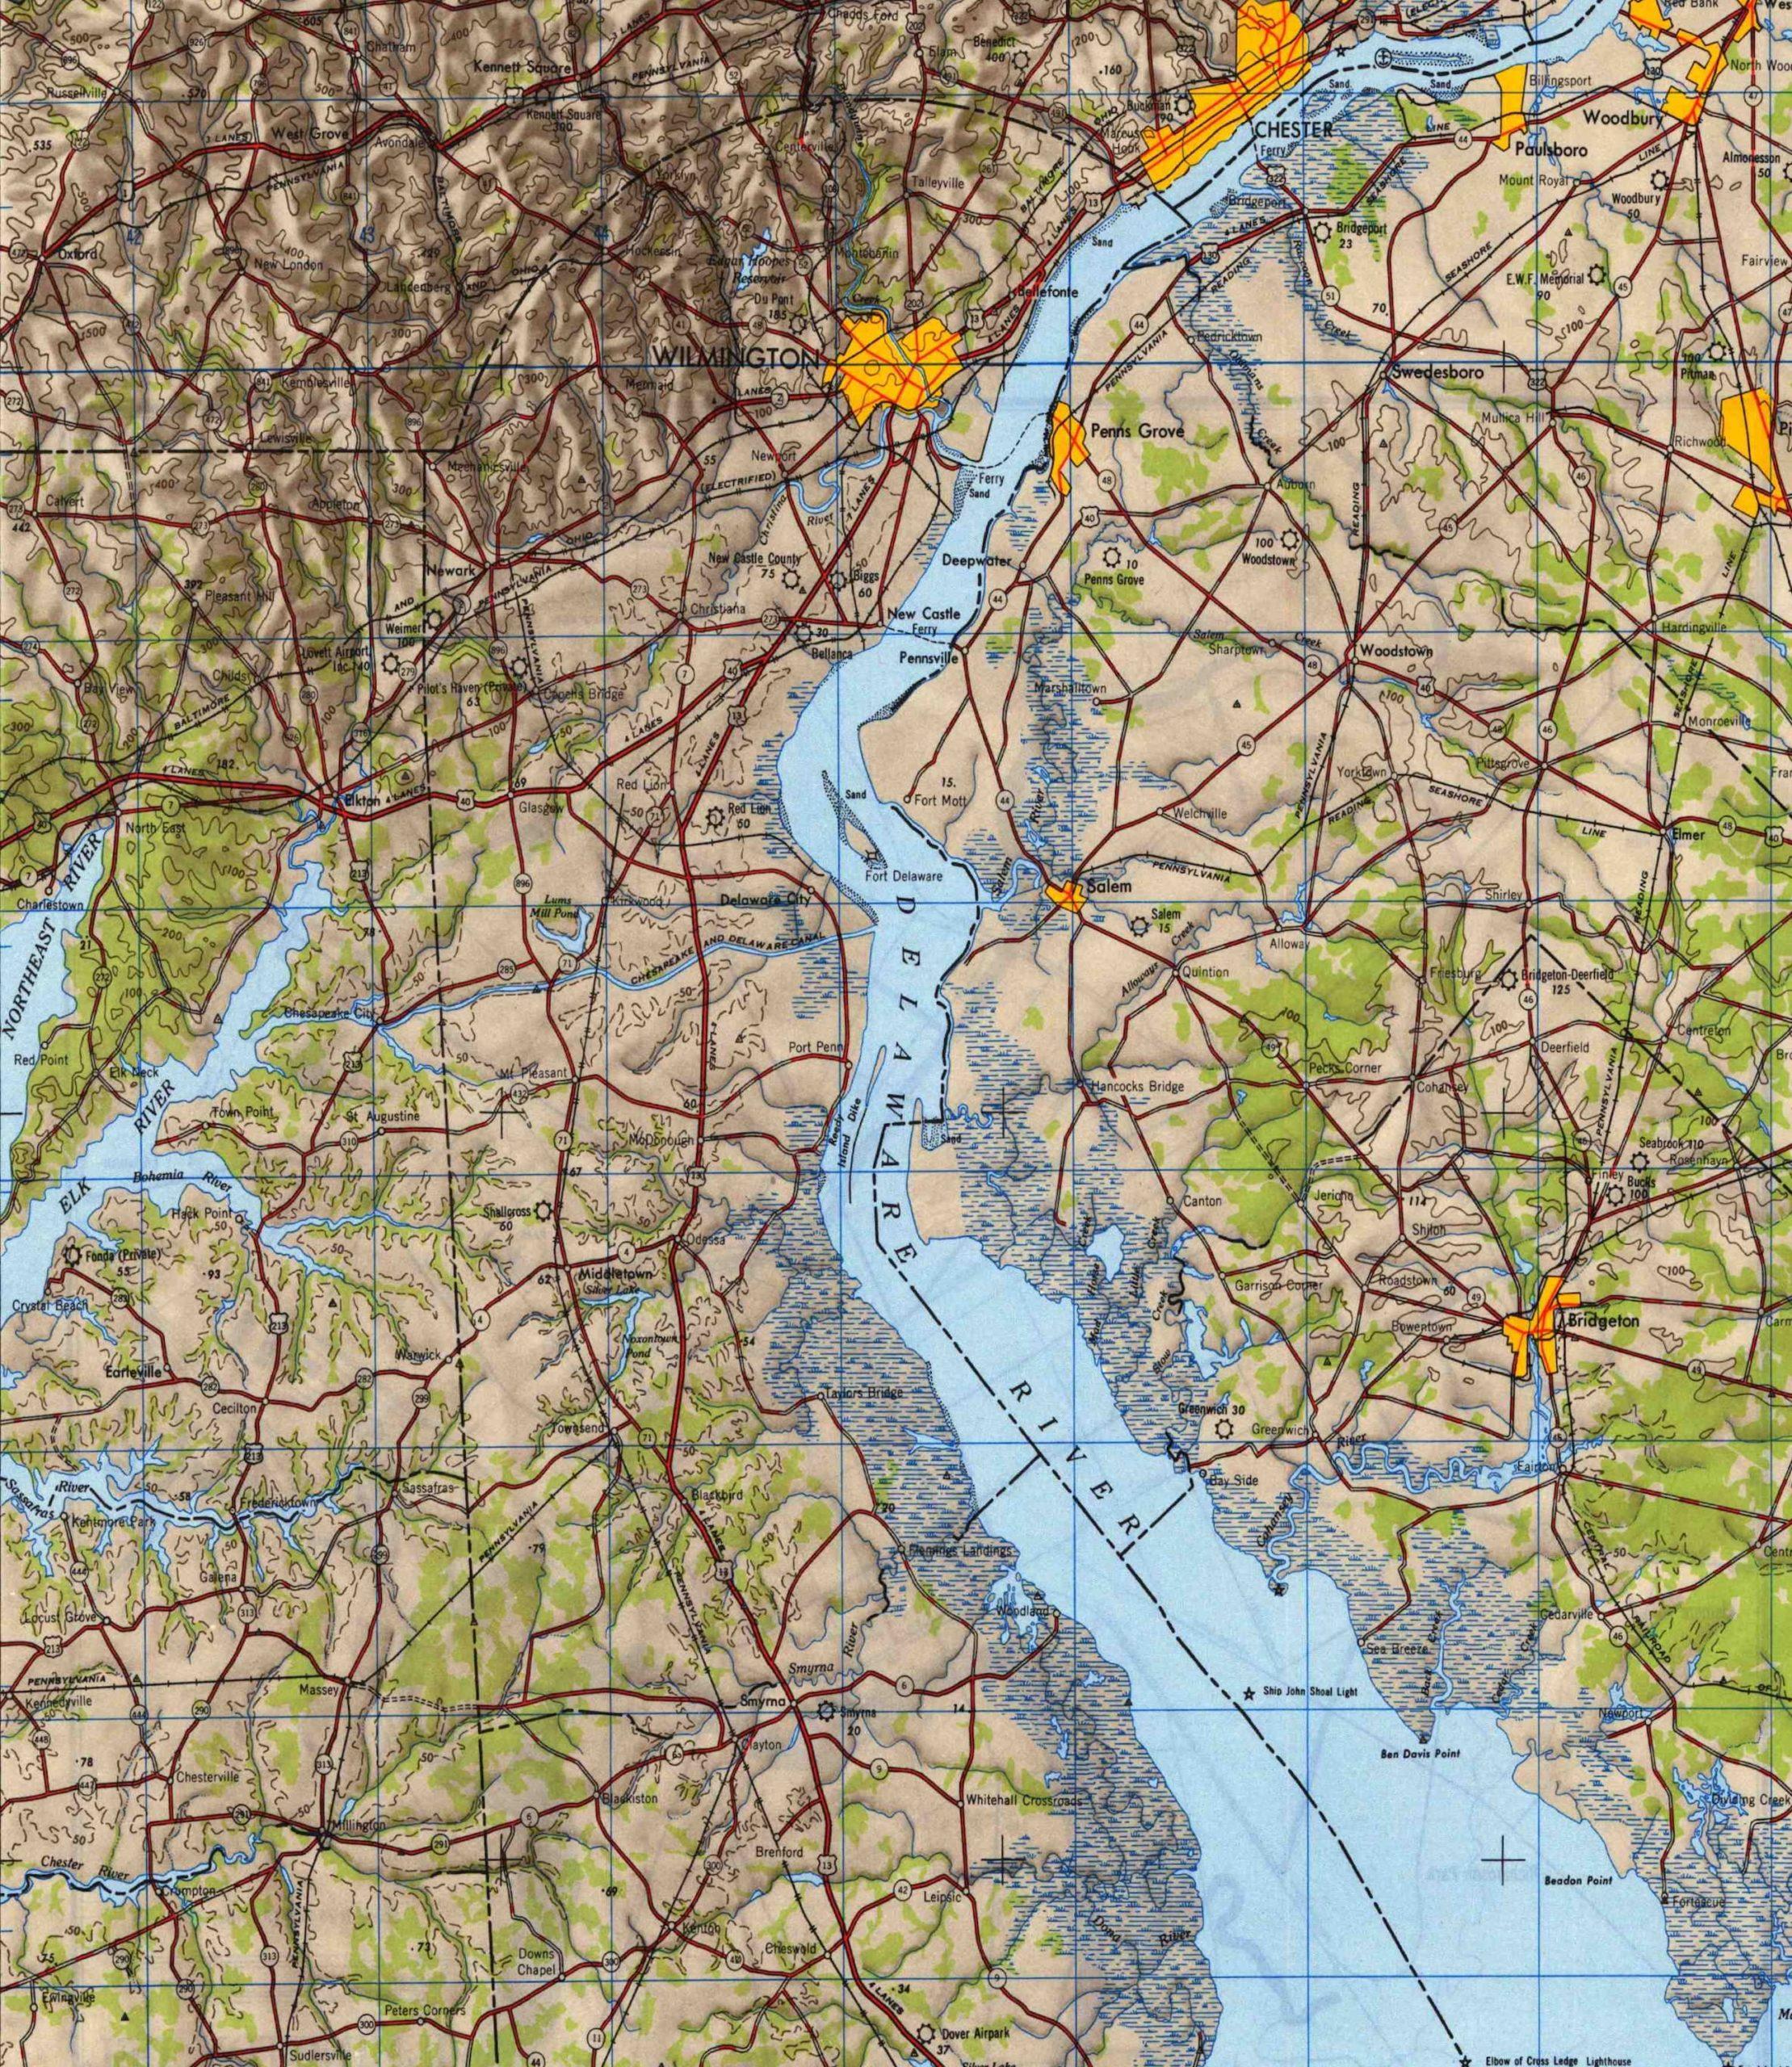 1946 Wilmington, DE and surroundings